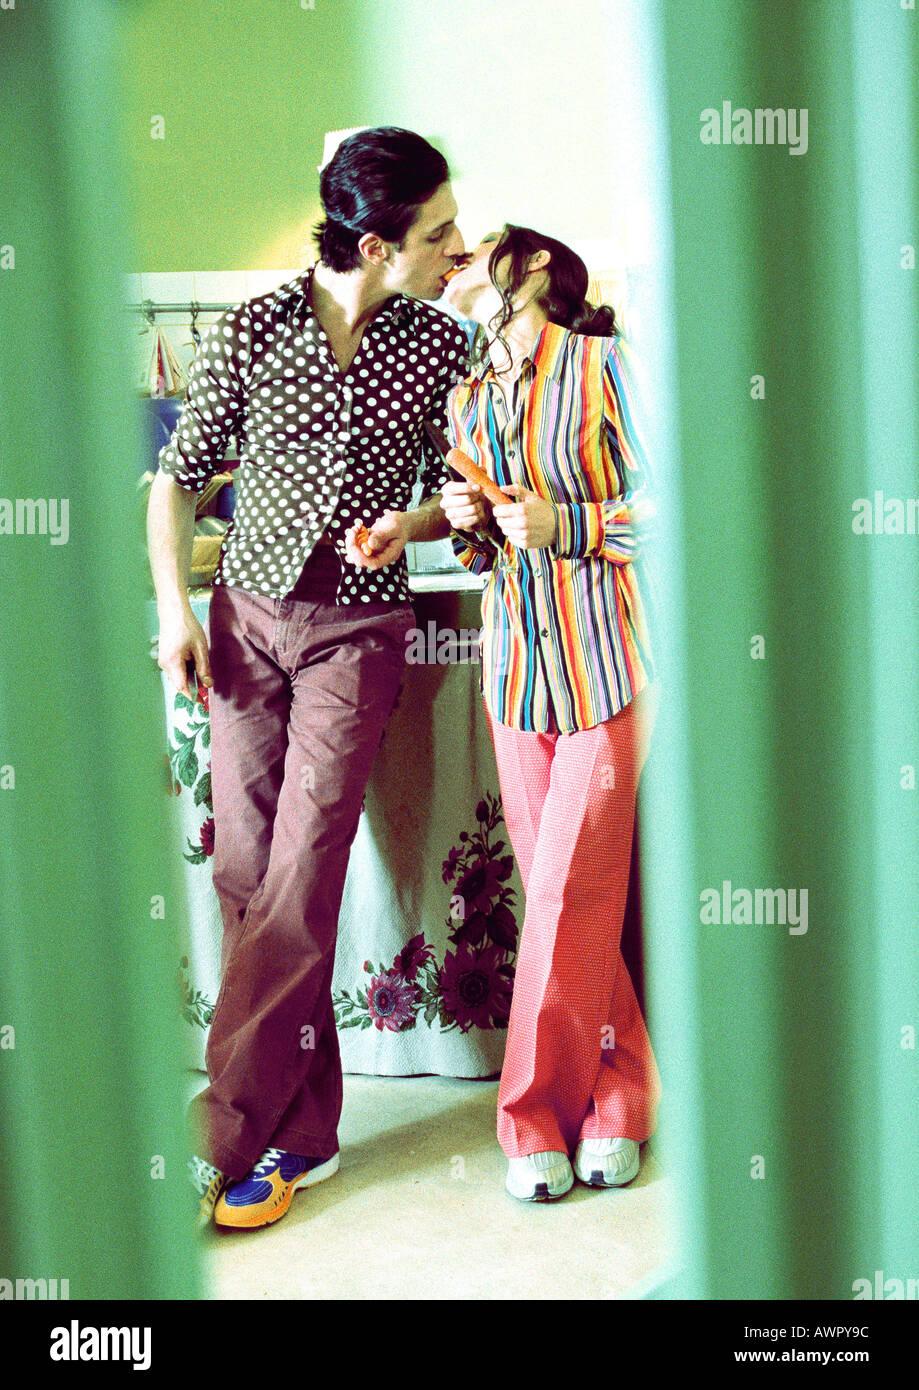 Paar in der Küche stehen, küssen. Stockfoto